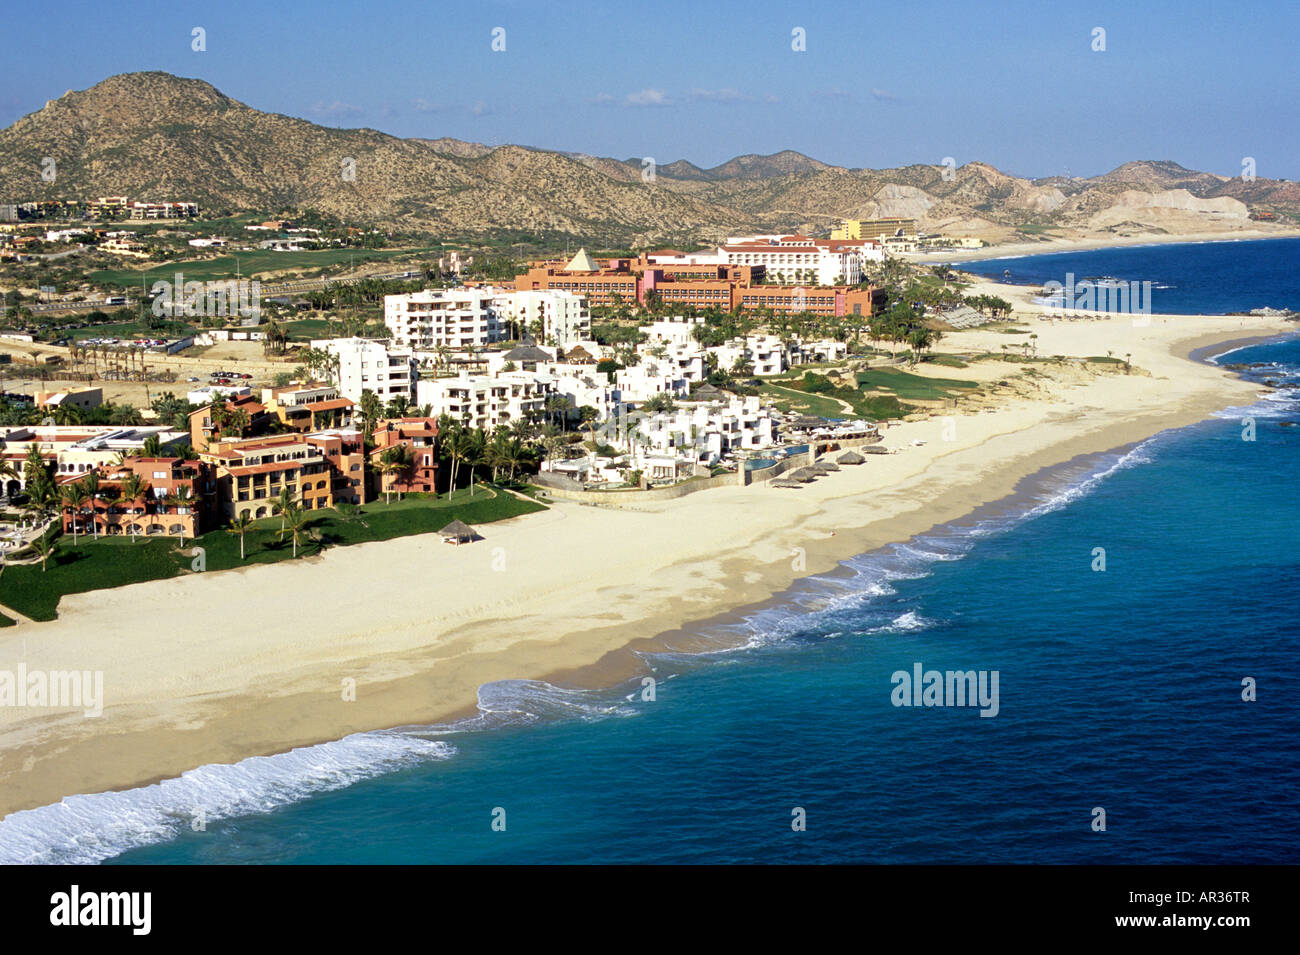 La crema-blanco propiedades del resort de lujo de las Ventanas al Paraíso en Los Cabos, Baja California Sur, Imagen De Stock